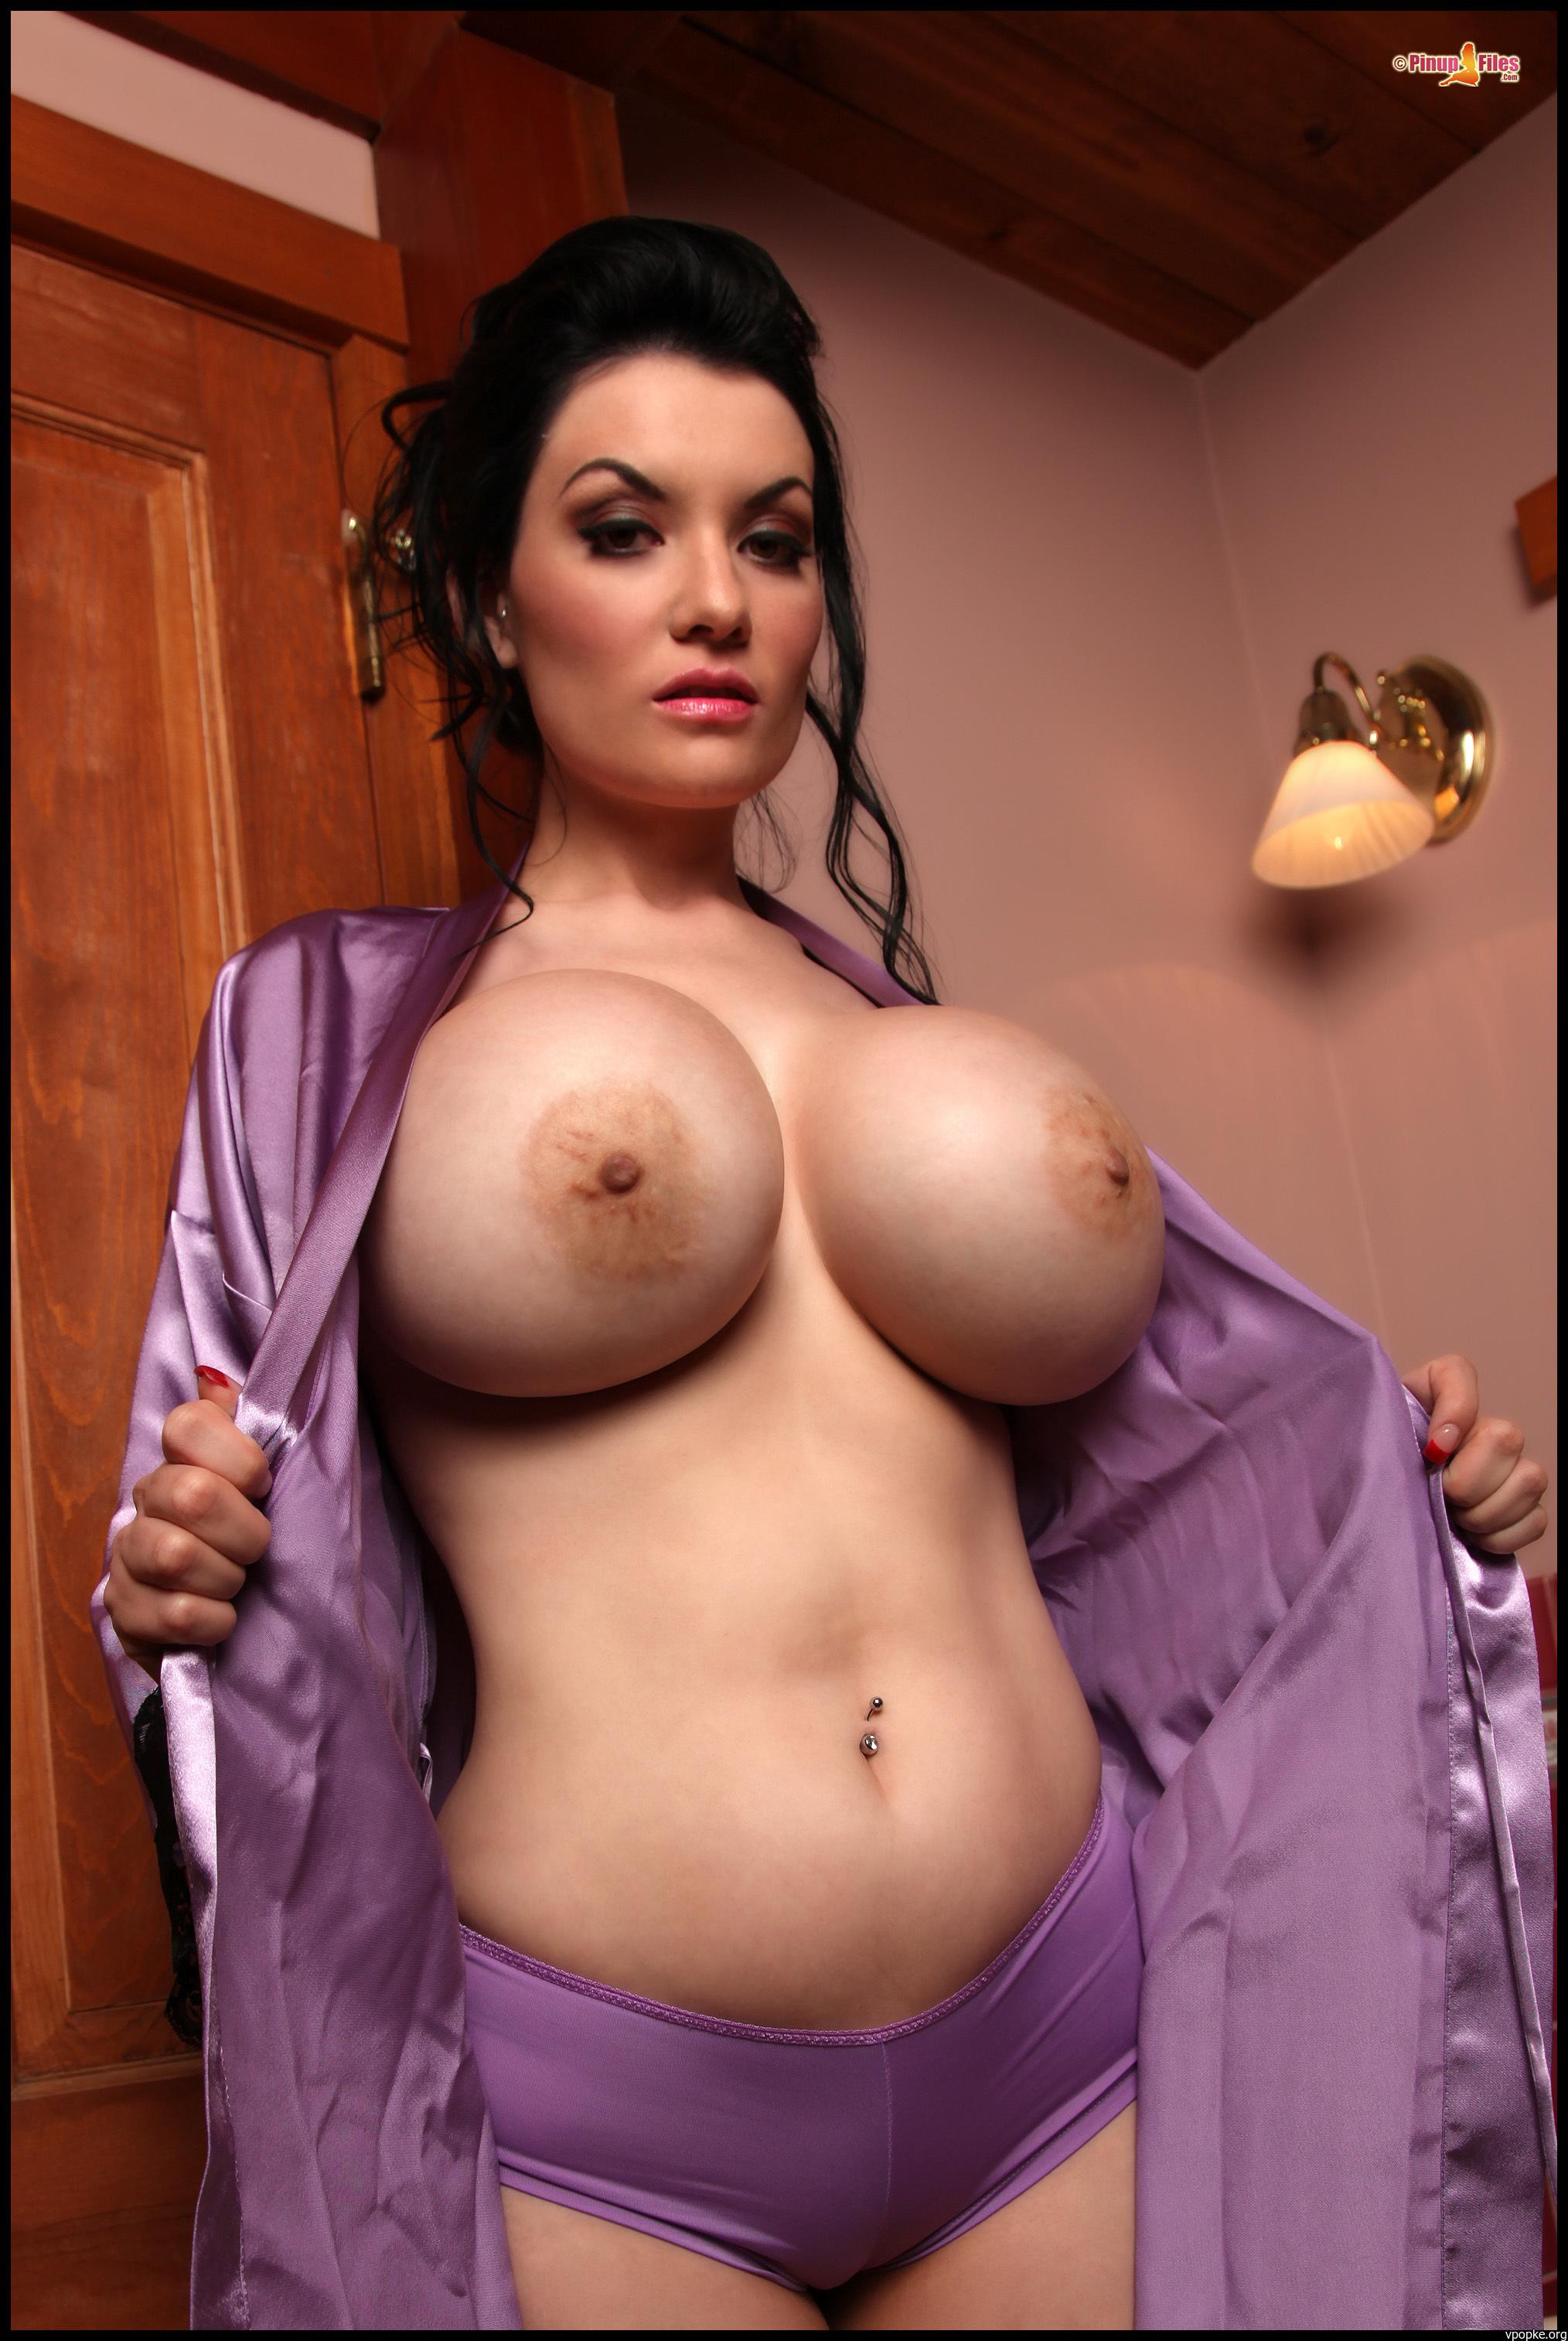 Самые огромные груди порно фото 15 фотография